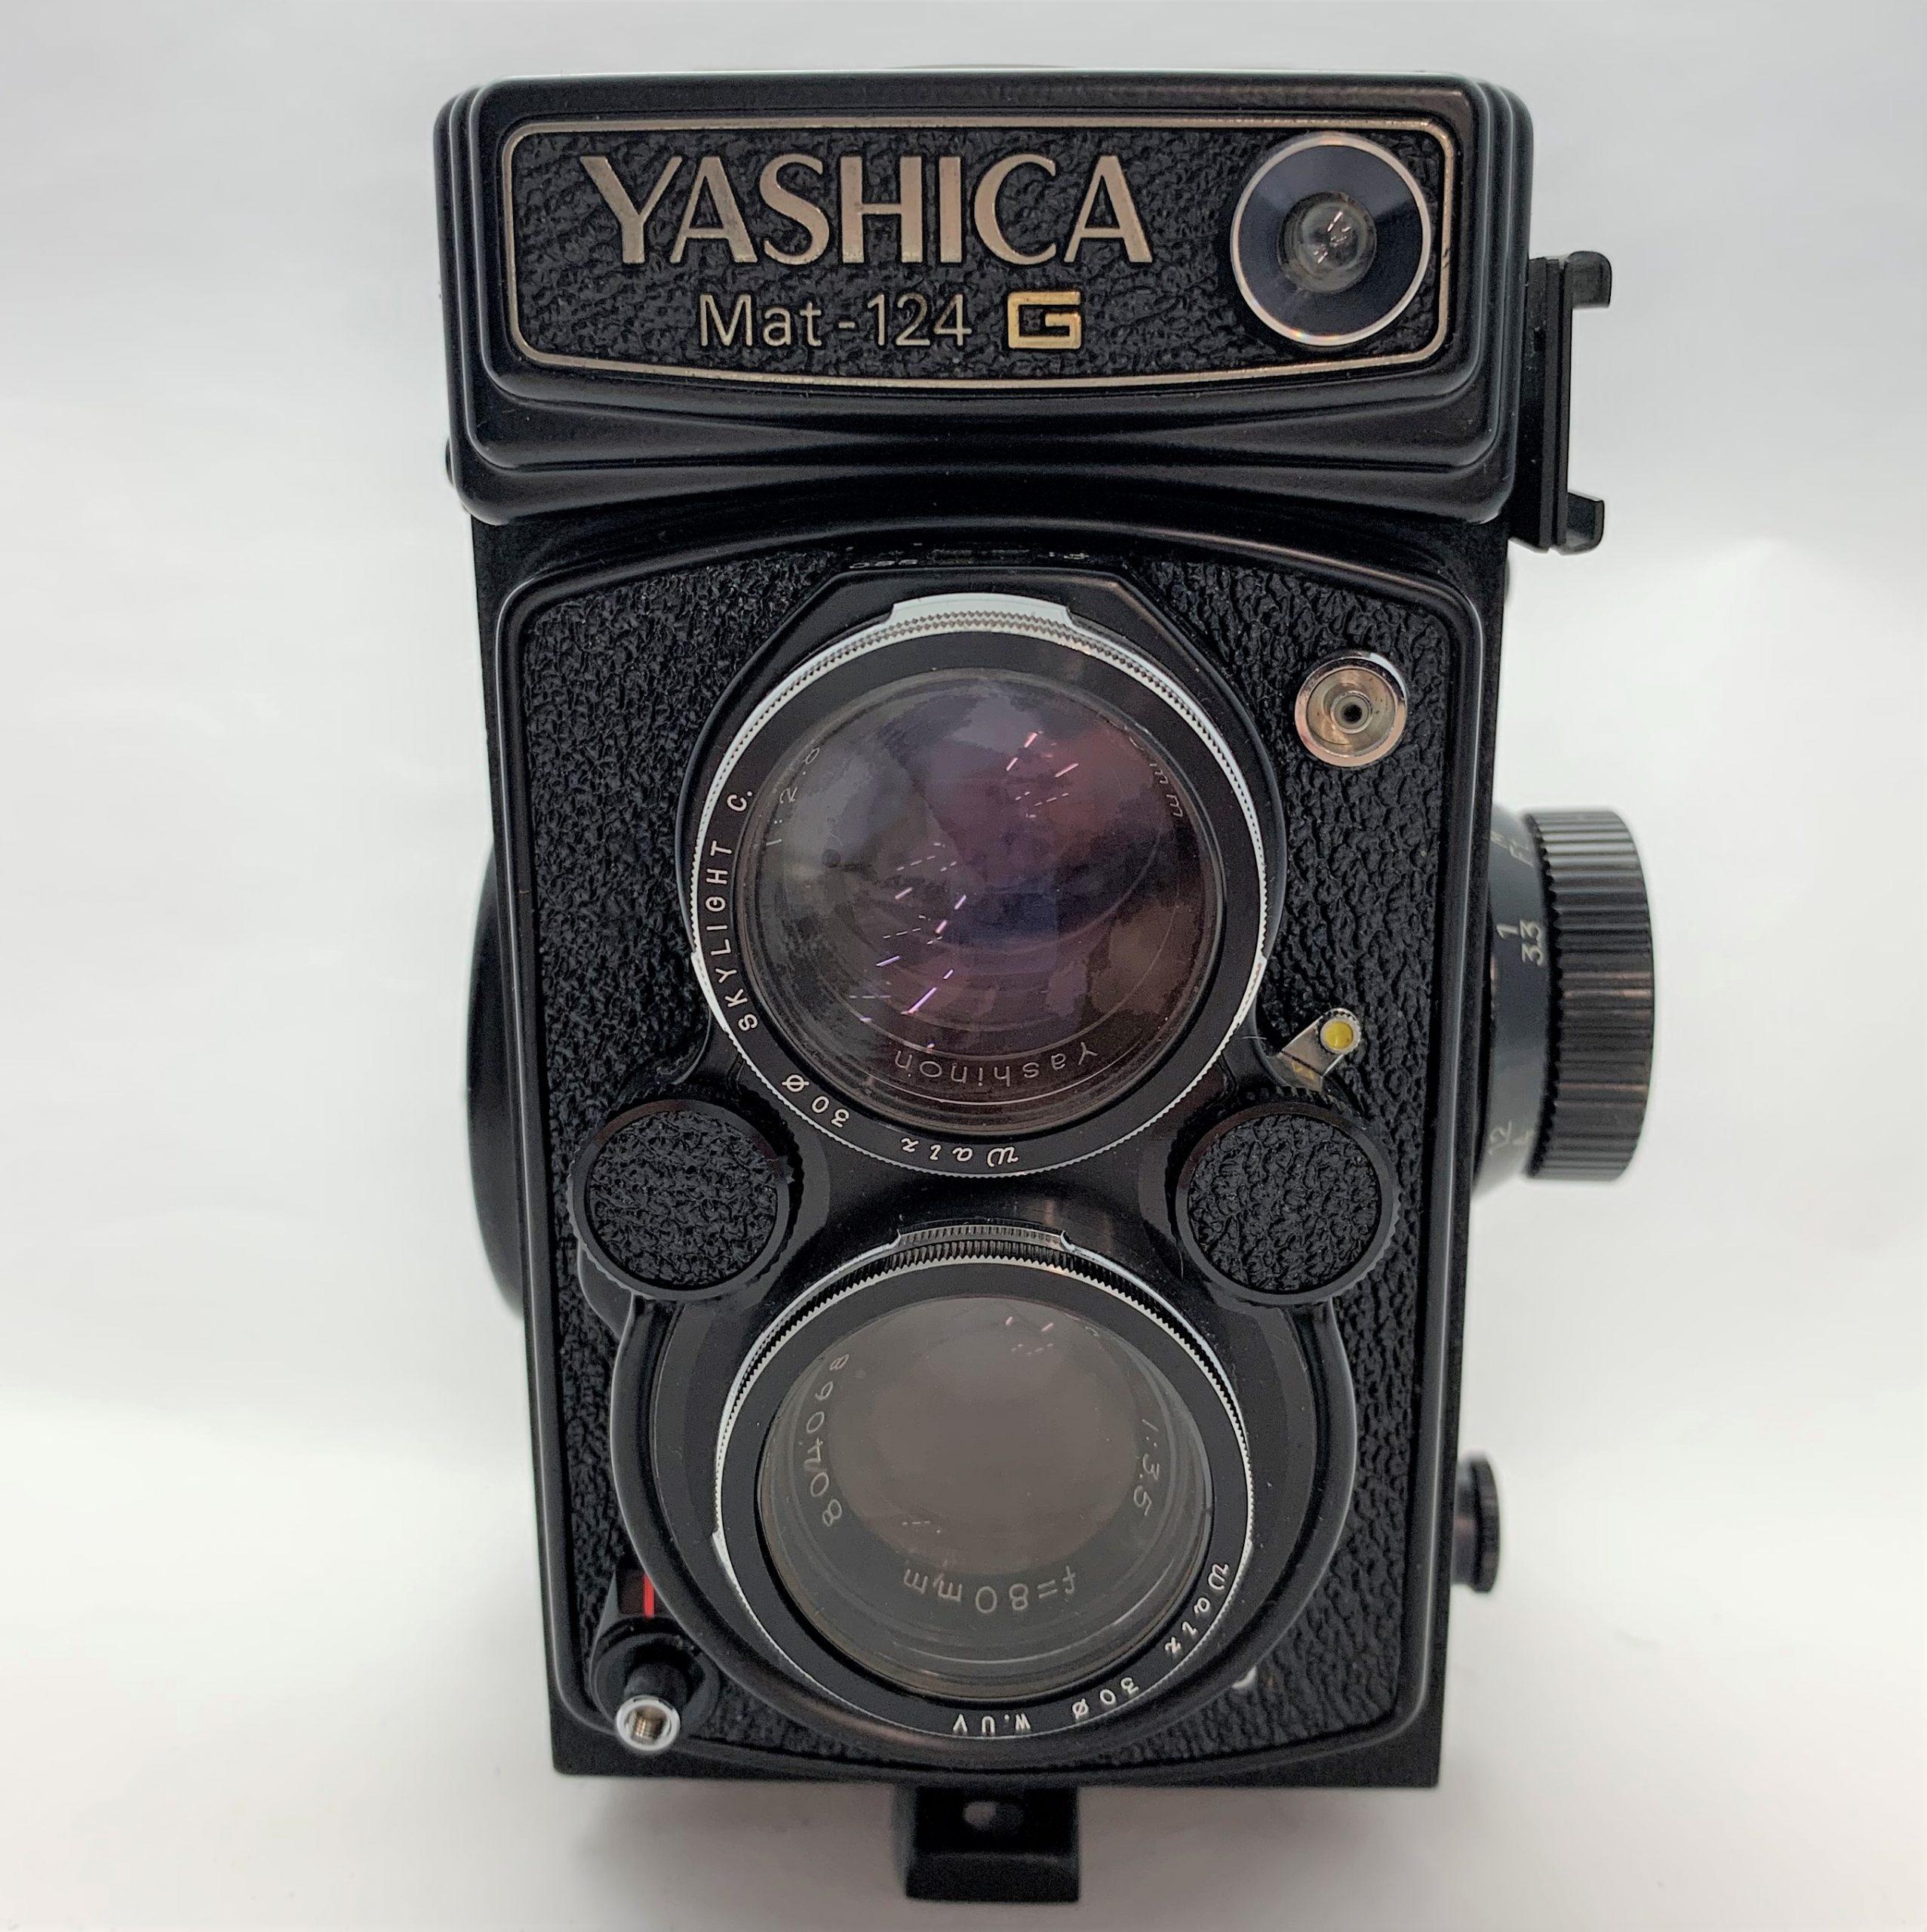 ヤシカのカメラを高額買取しました! 山形県のお客様